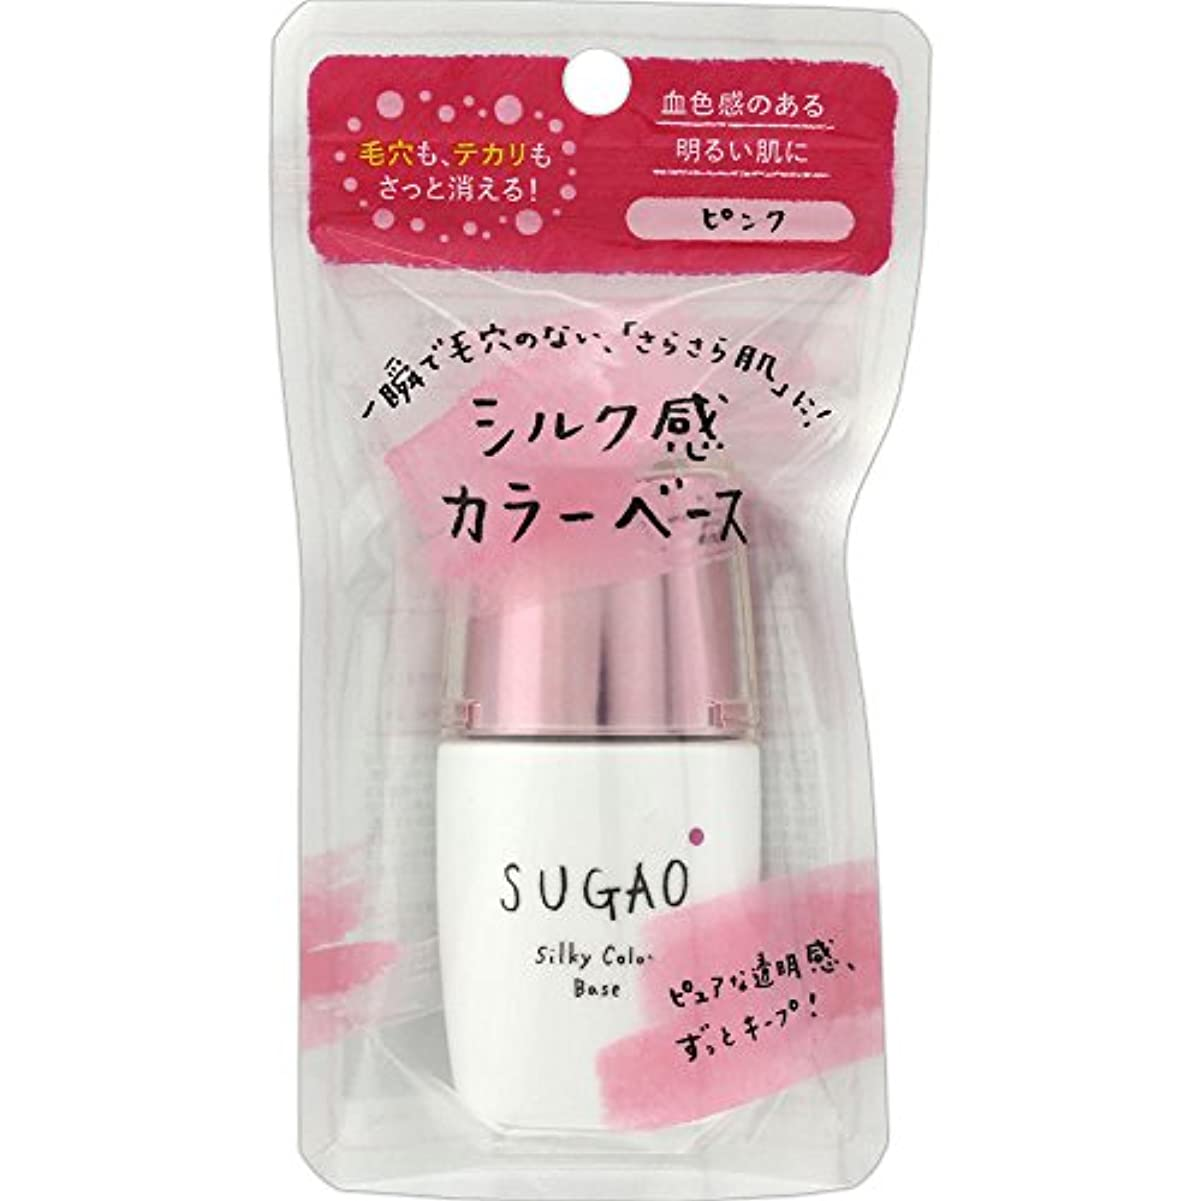 元に戻す探検悲劇スガオ (SUGAO) シルク感カラーベース ピンク SPF20 PA+++ 20mL